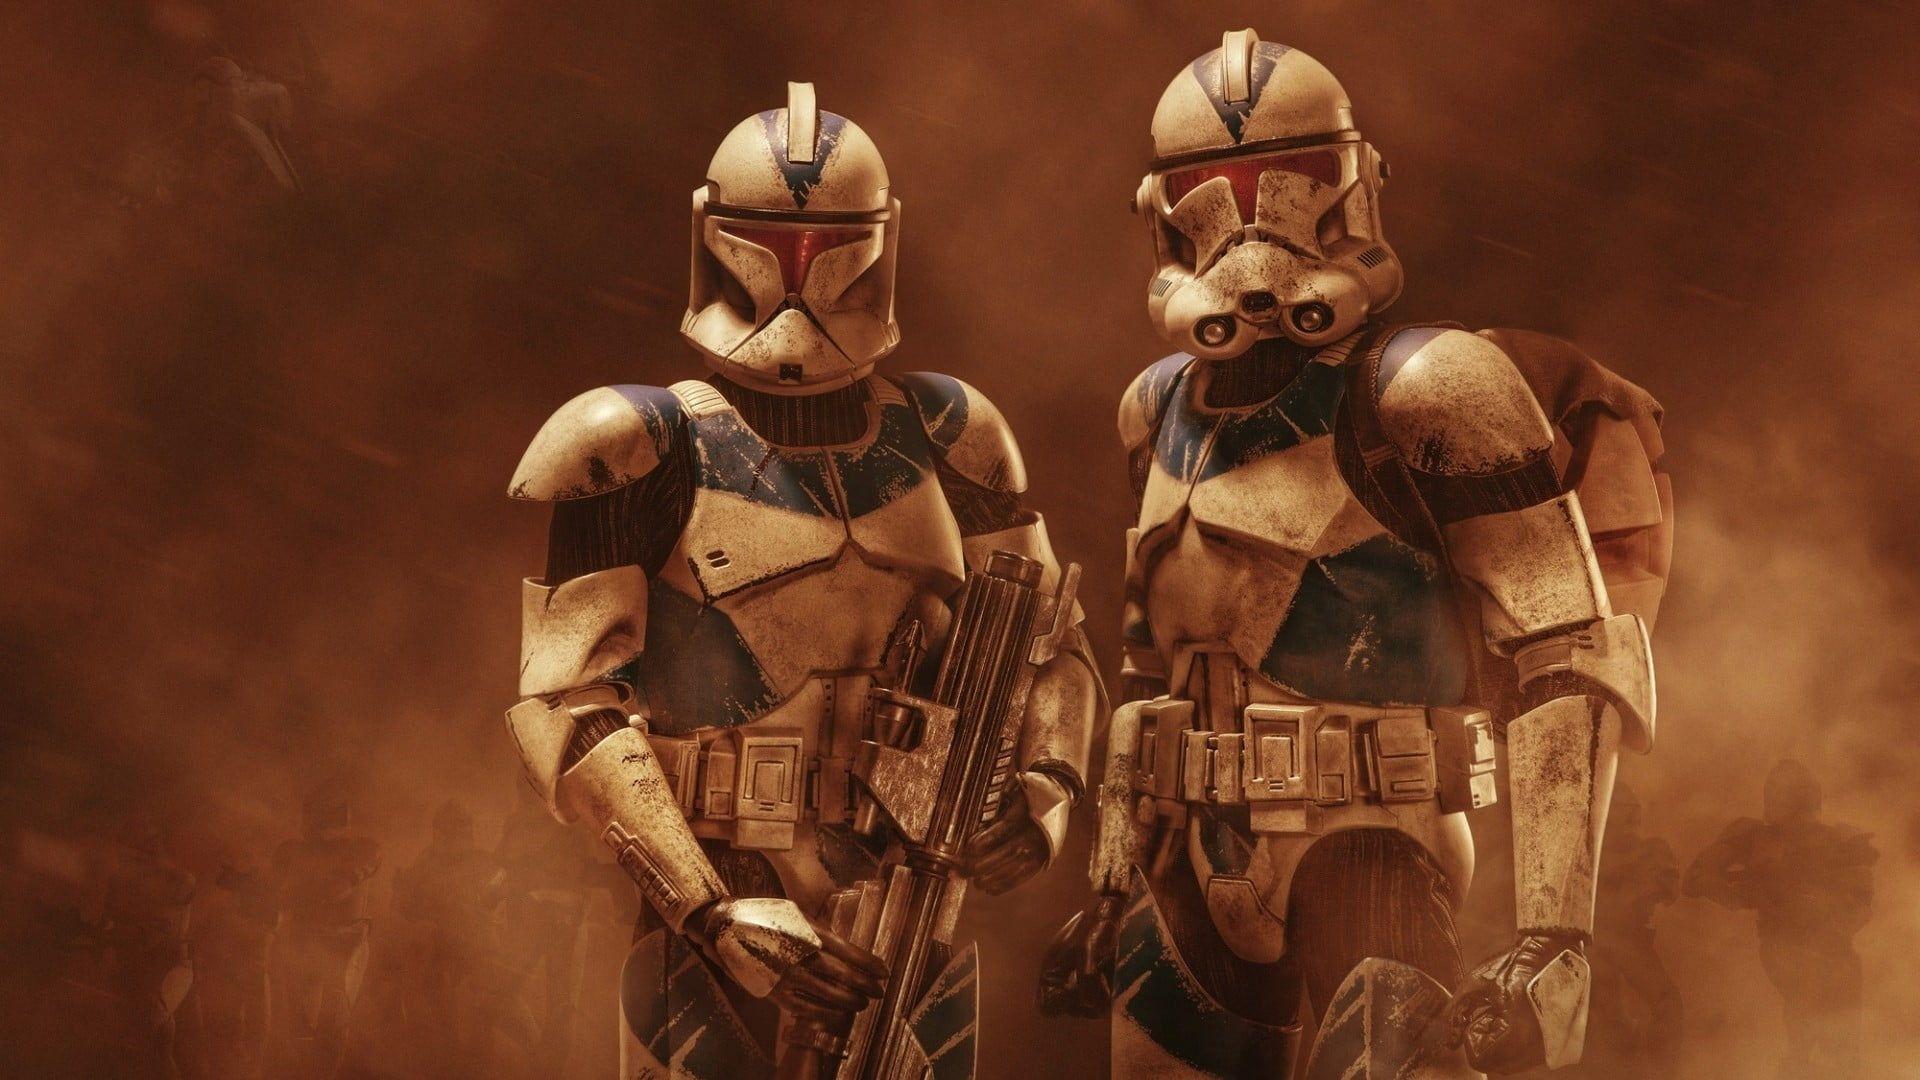 Two Star Wars Character Wallpapers Clone Trooper Star Wars Fan Art Galactic Republic 5 In 2020 Star Wars Characters Wallpaper Star Wars Wallpaper Star Wars Clone Wars